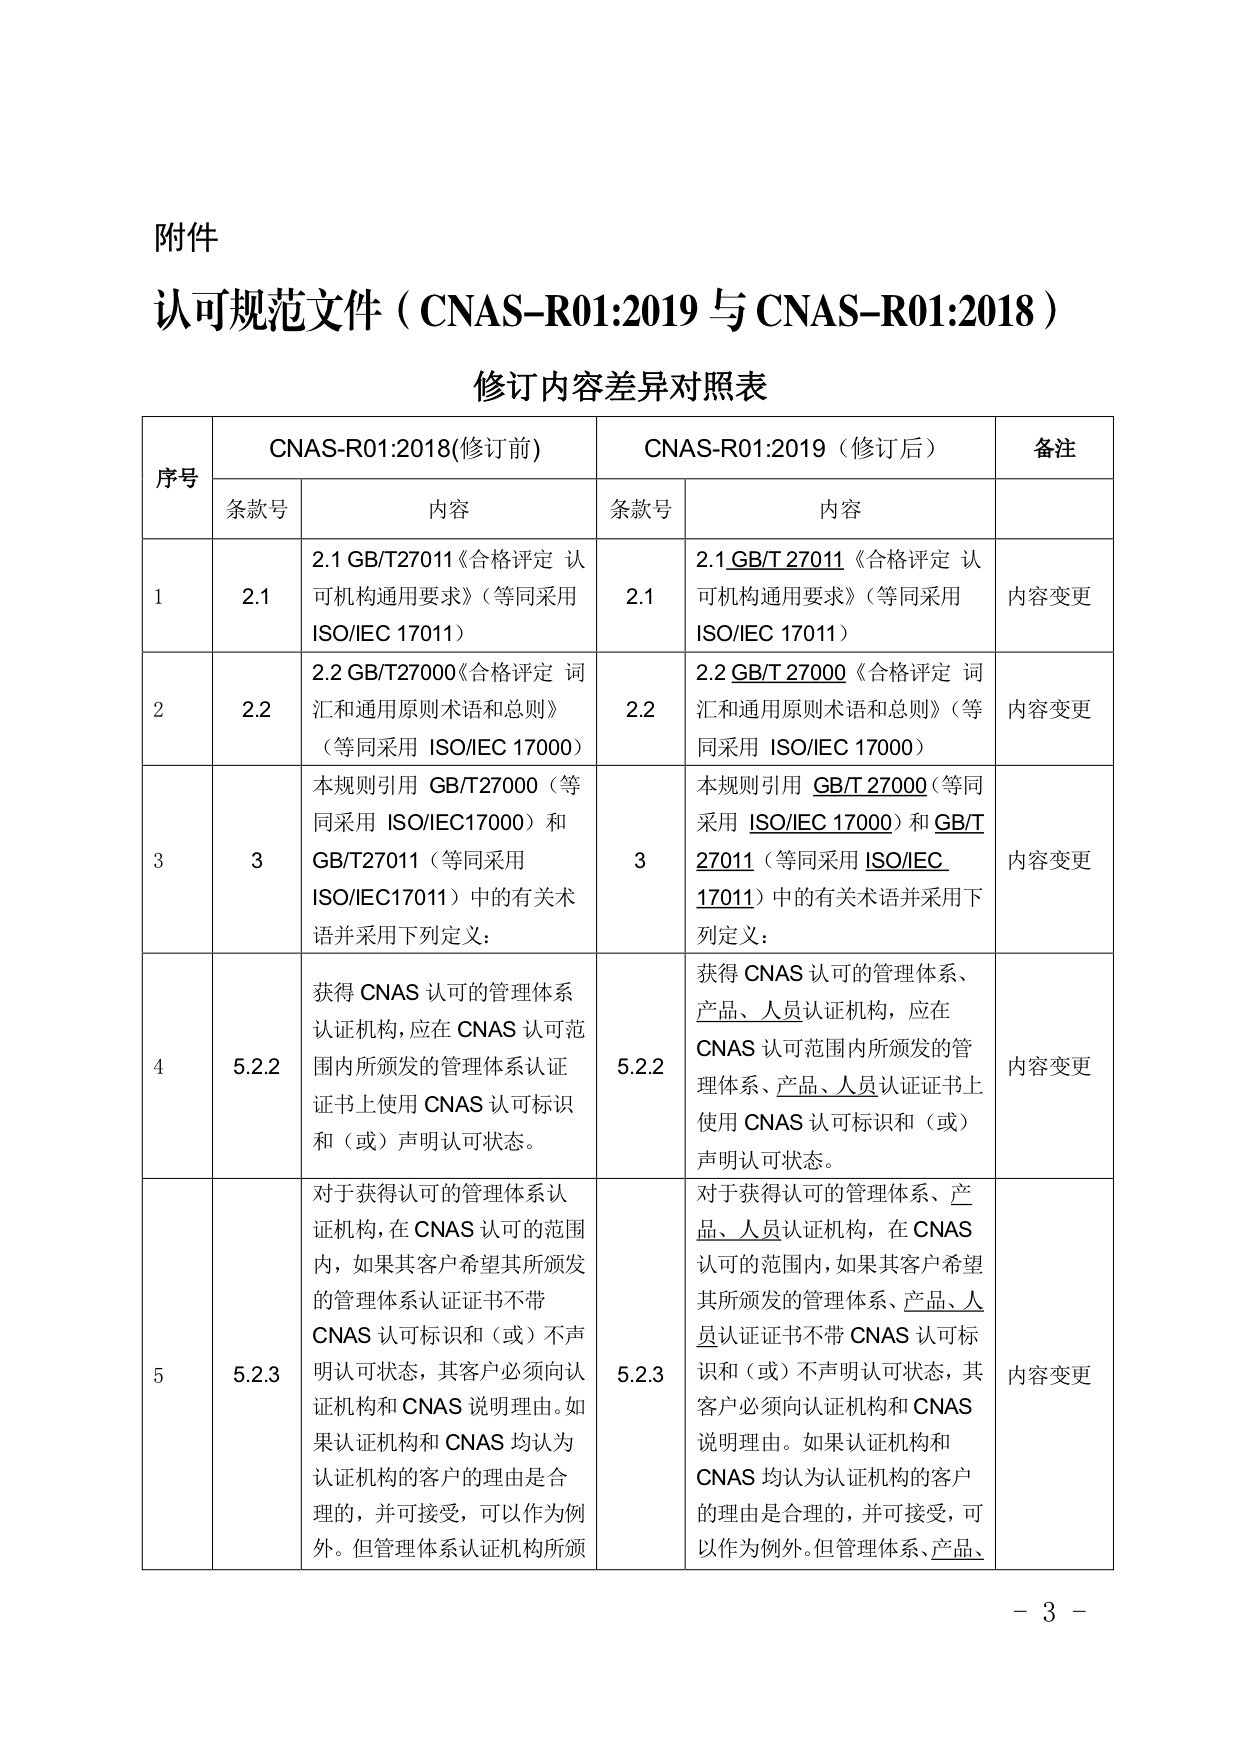 CNAS认可规范文件